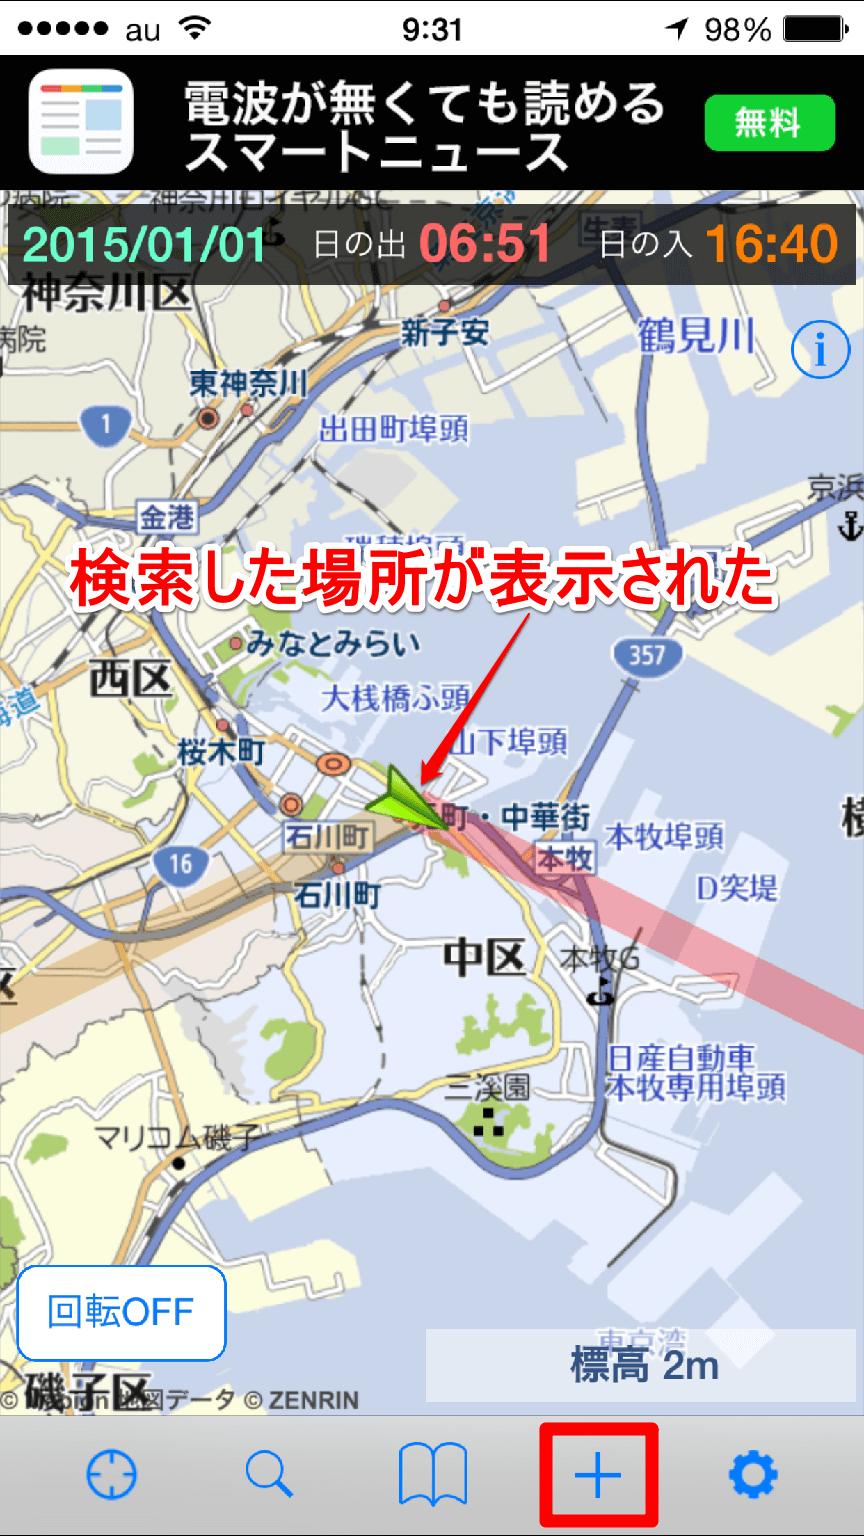 検索した場所の地図